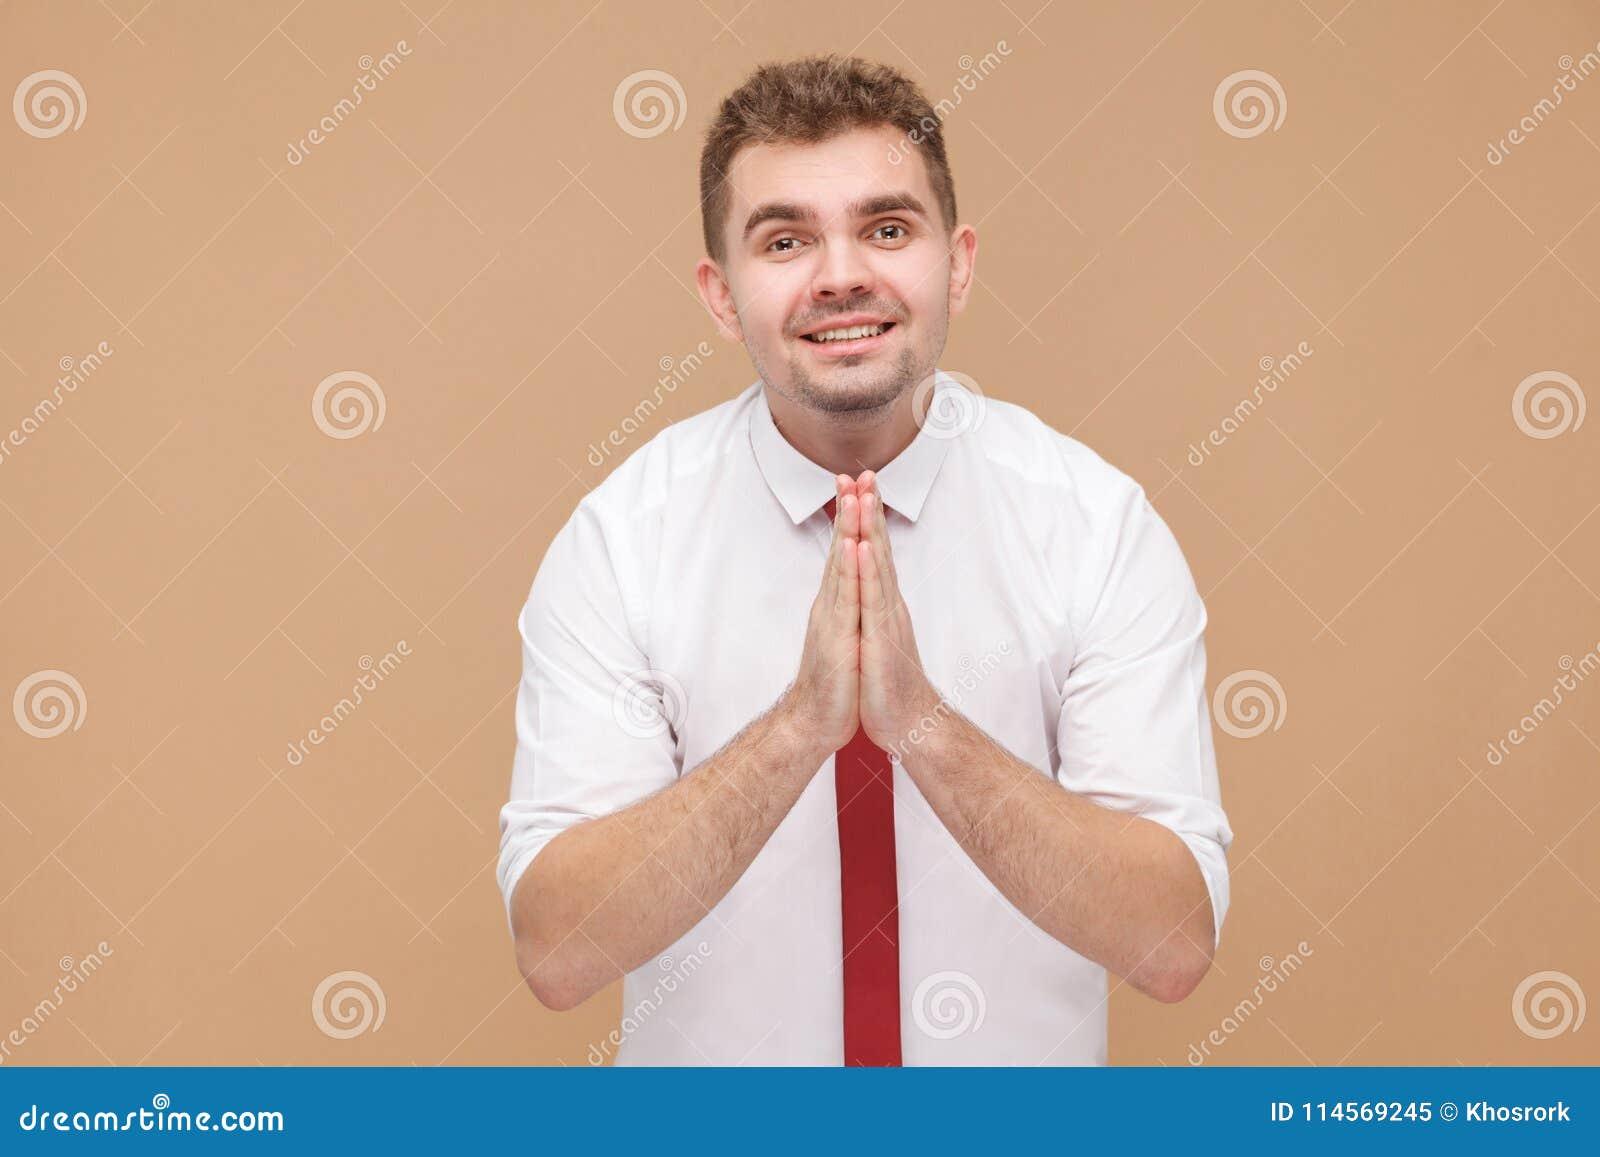 El hombre de negocios dice me perdona por favor que necesito el dinero